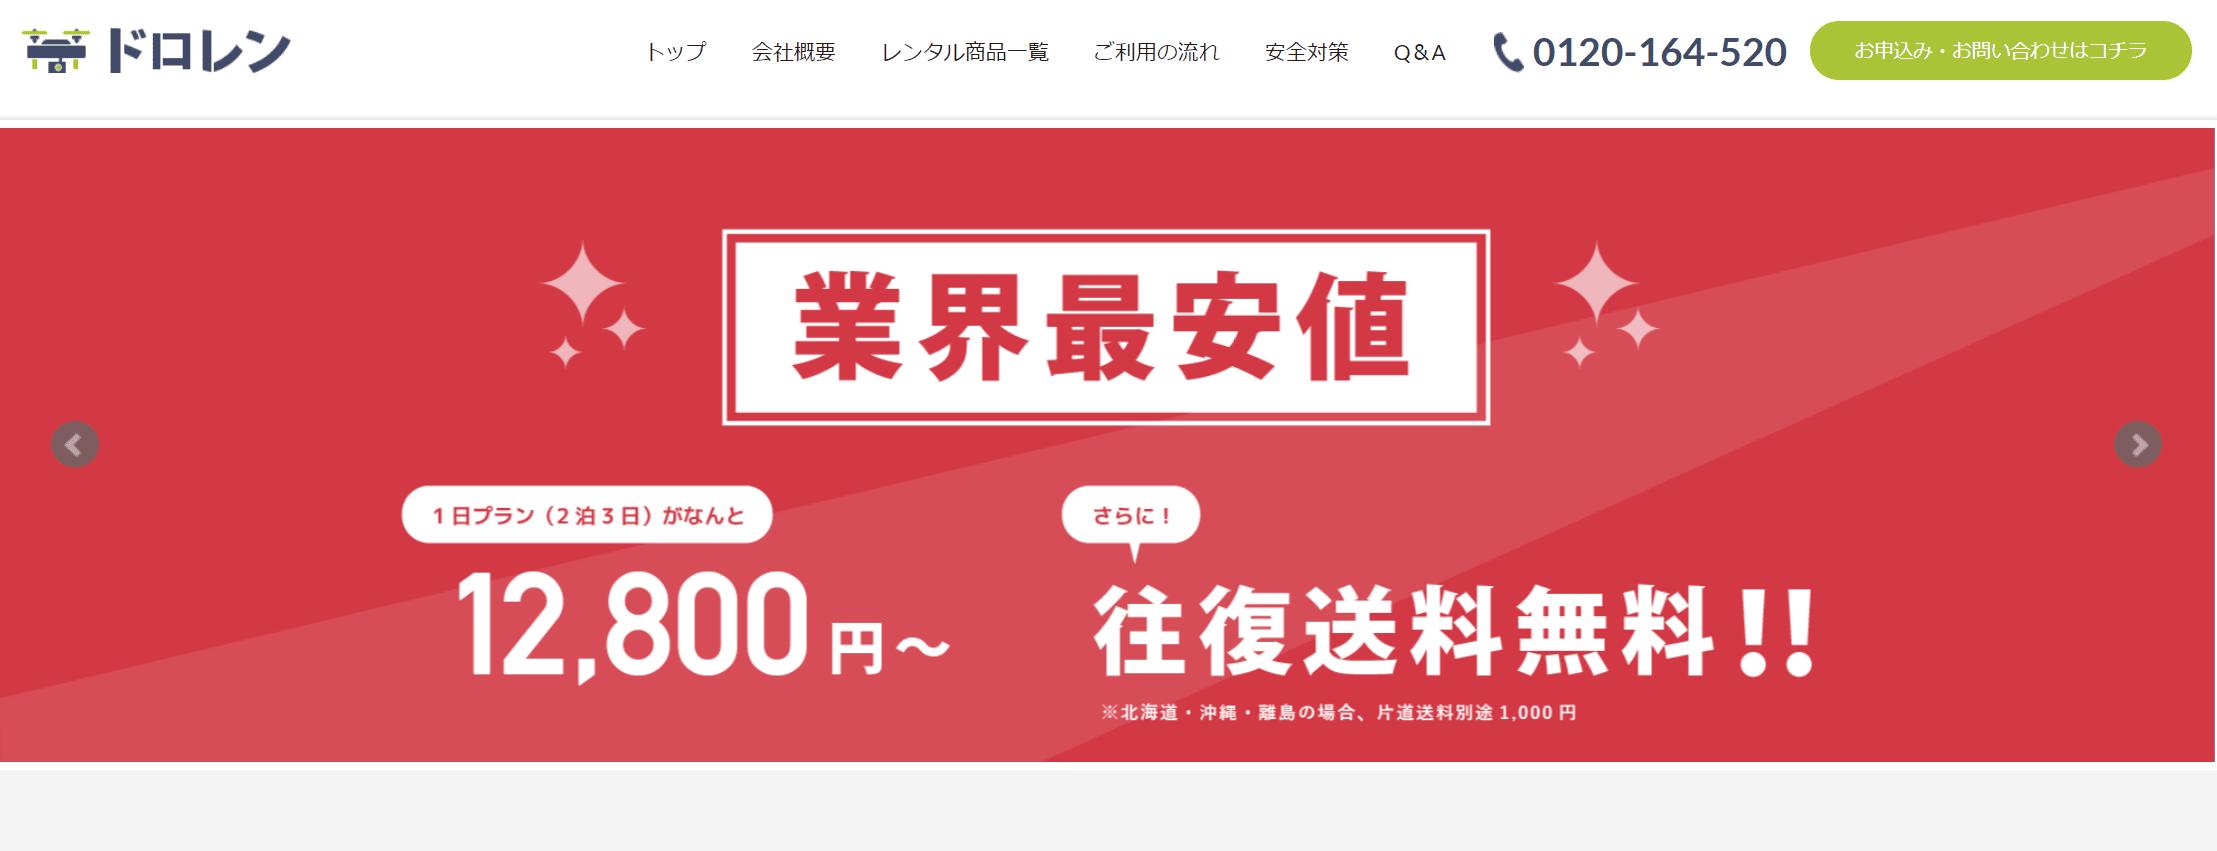 【ドローン専門】おすすめレンタルサービス2:ドロレン